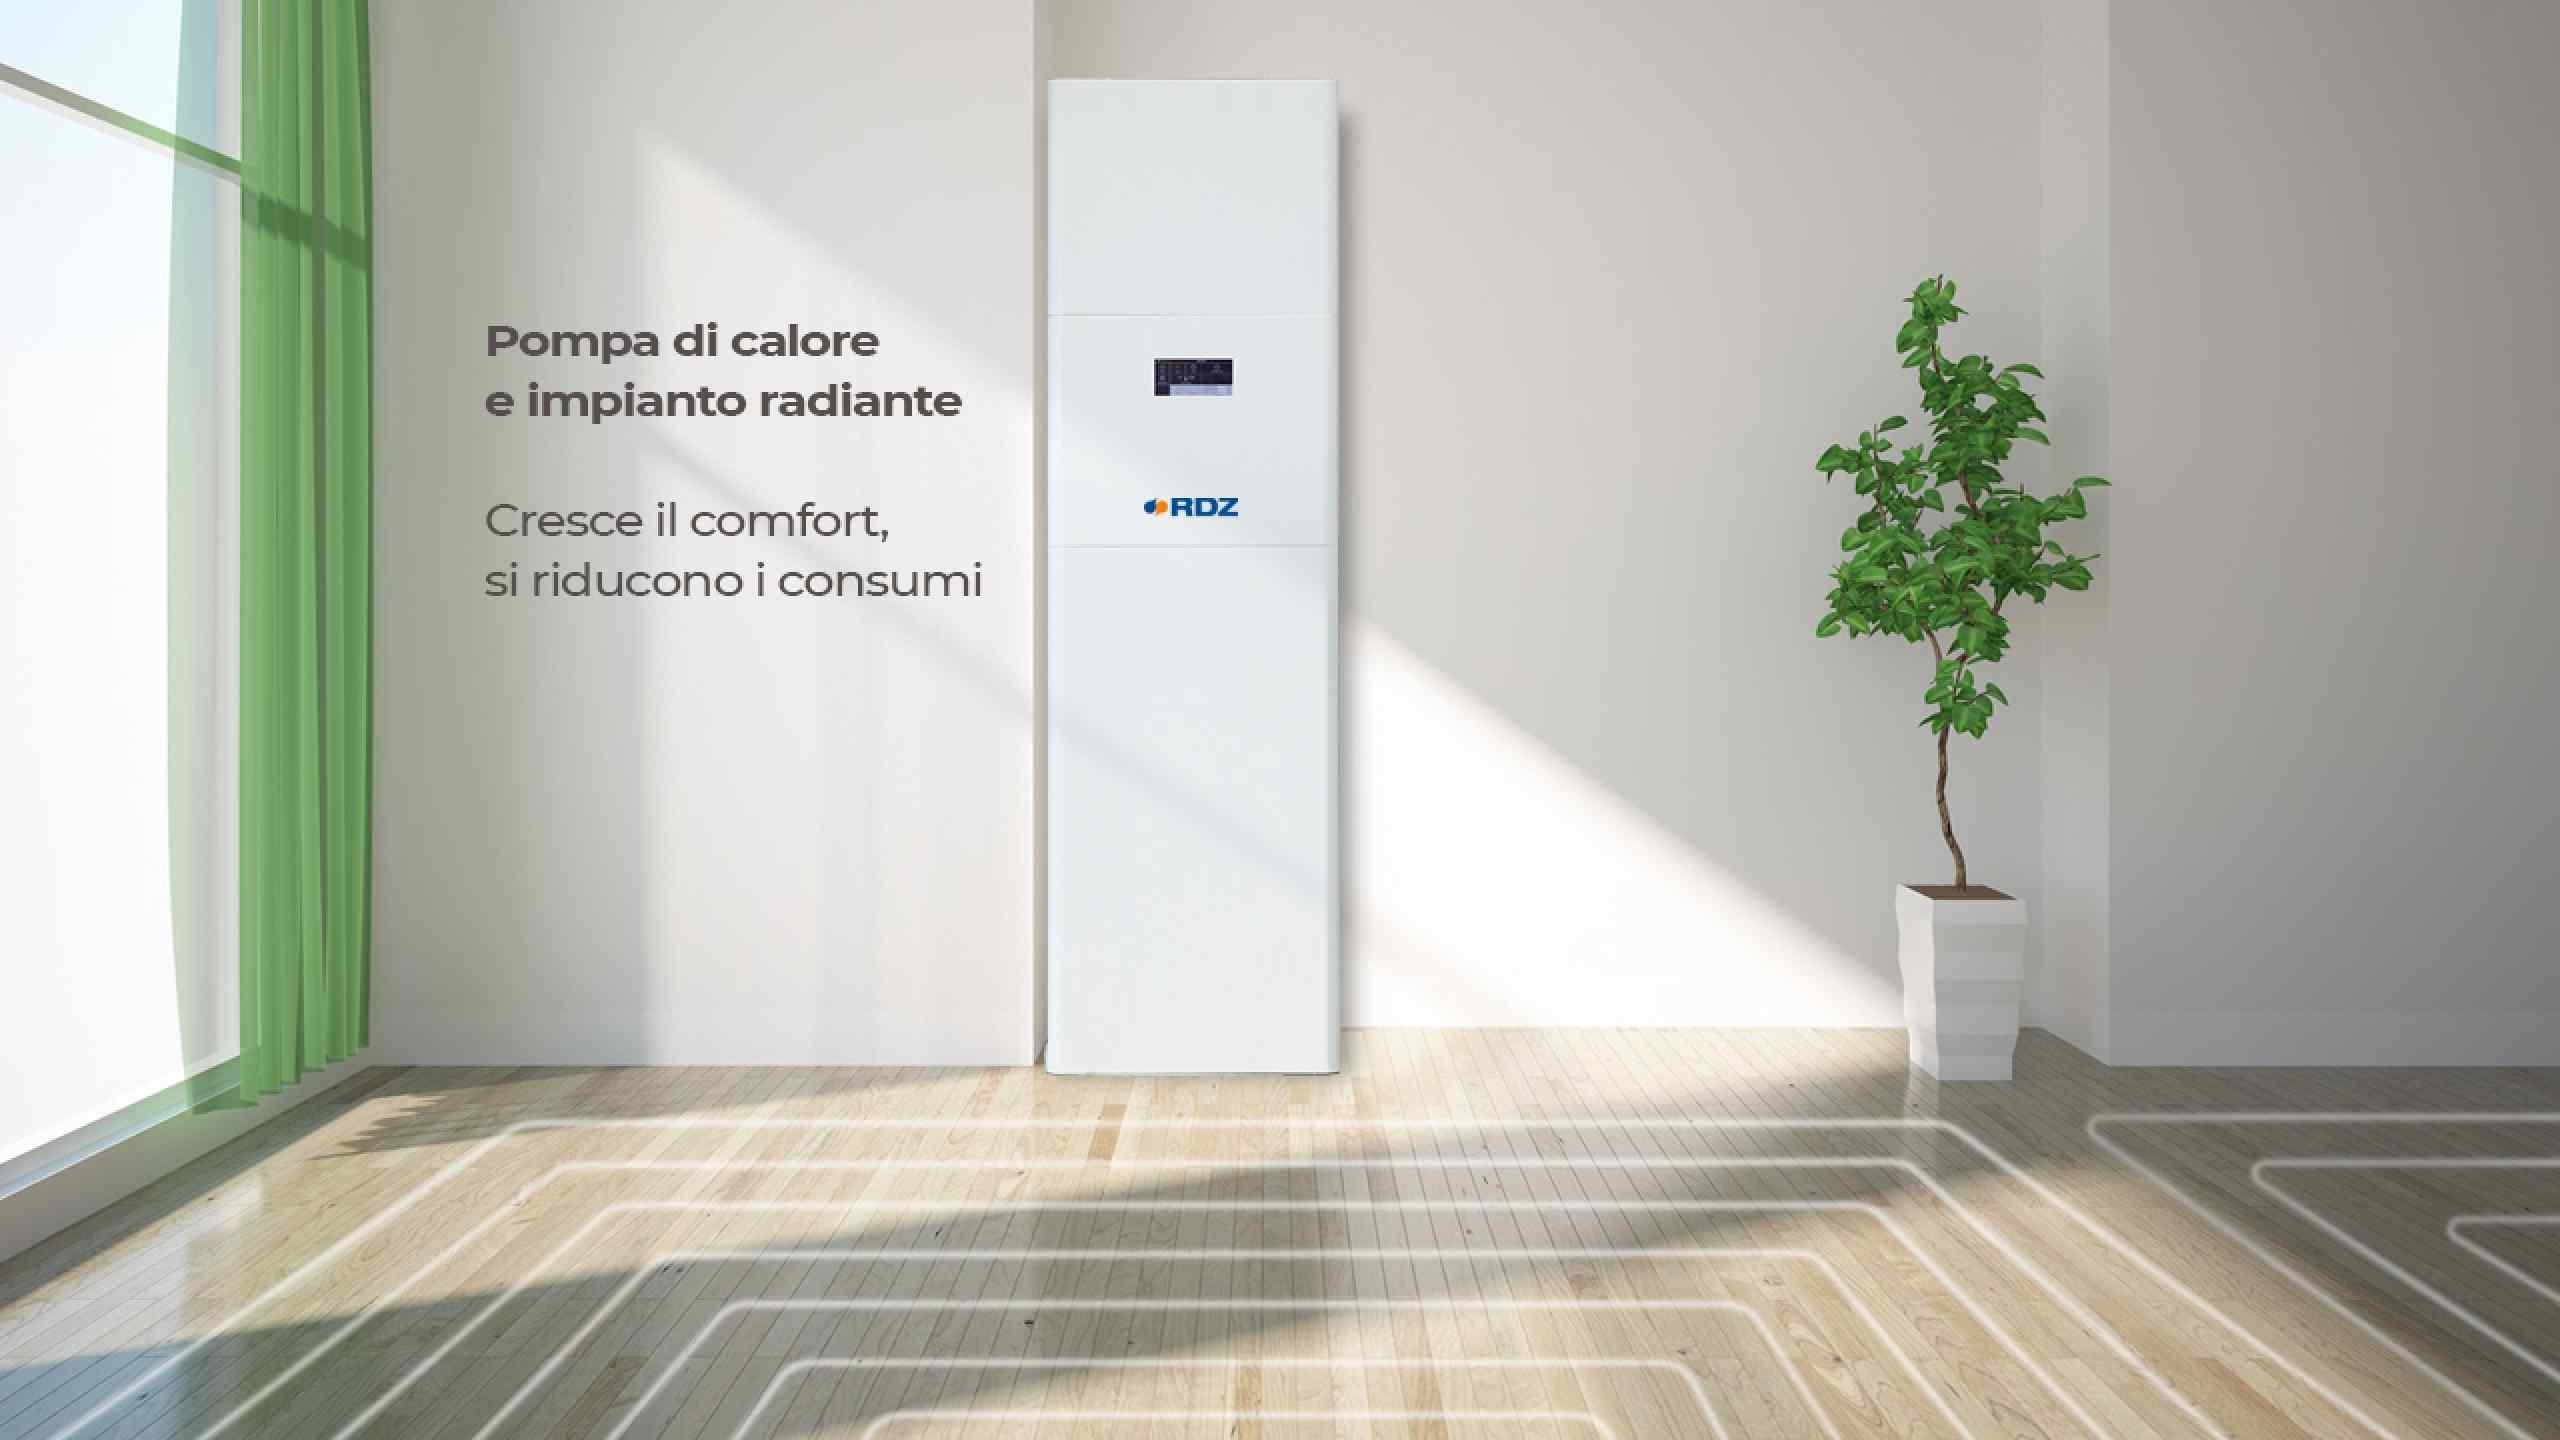 Riscaldamento A Pavimento Consumi pompa di calore e impianto radiante: cresce il comfort, si